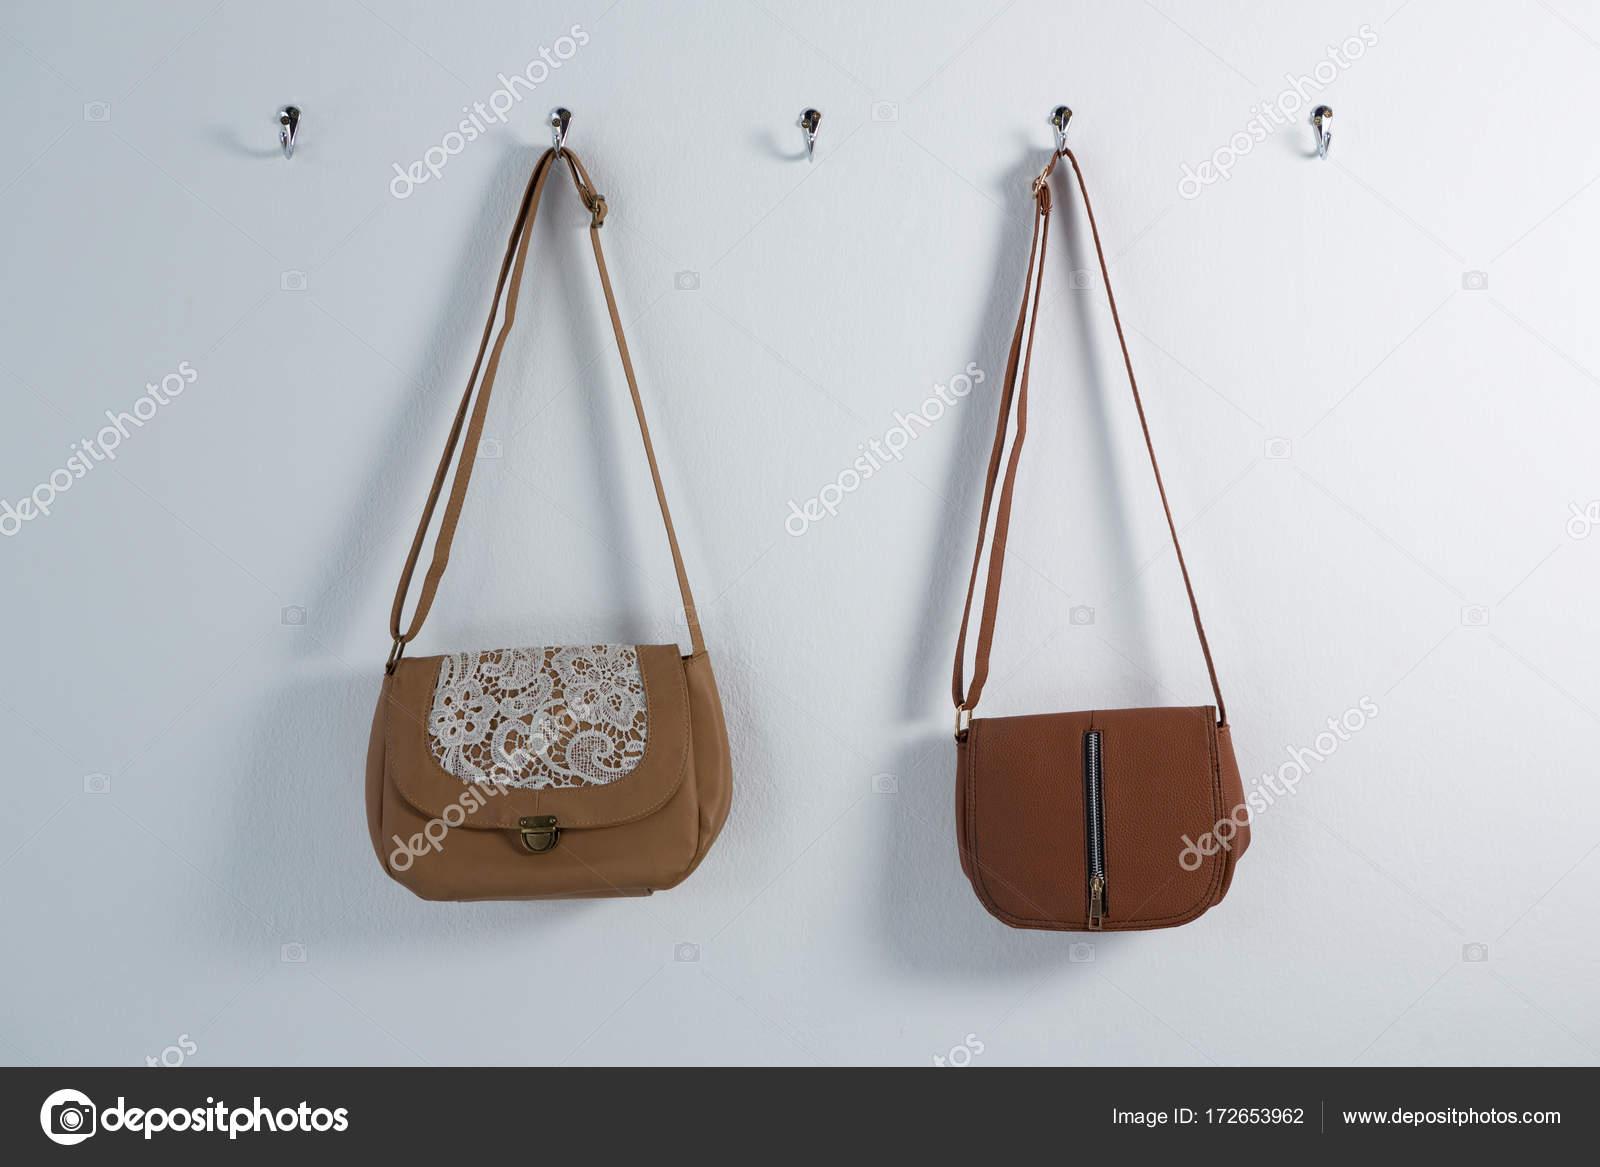 45fad06ec Elegantes bolsos de colgar en el gancho — Foto de stock ...